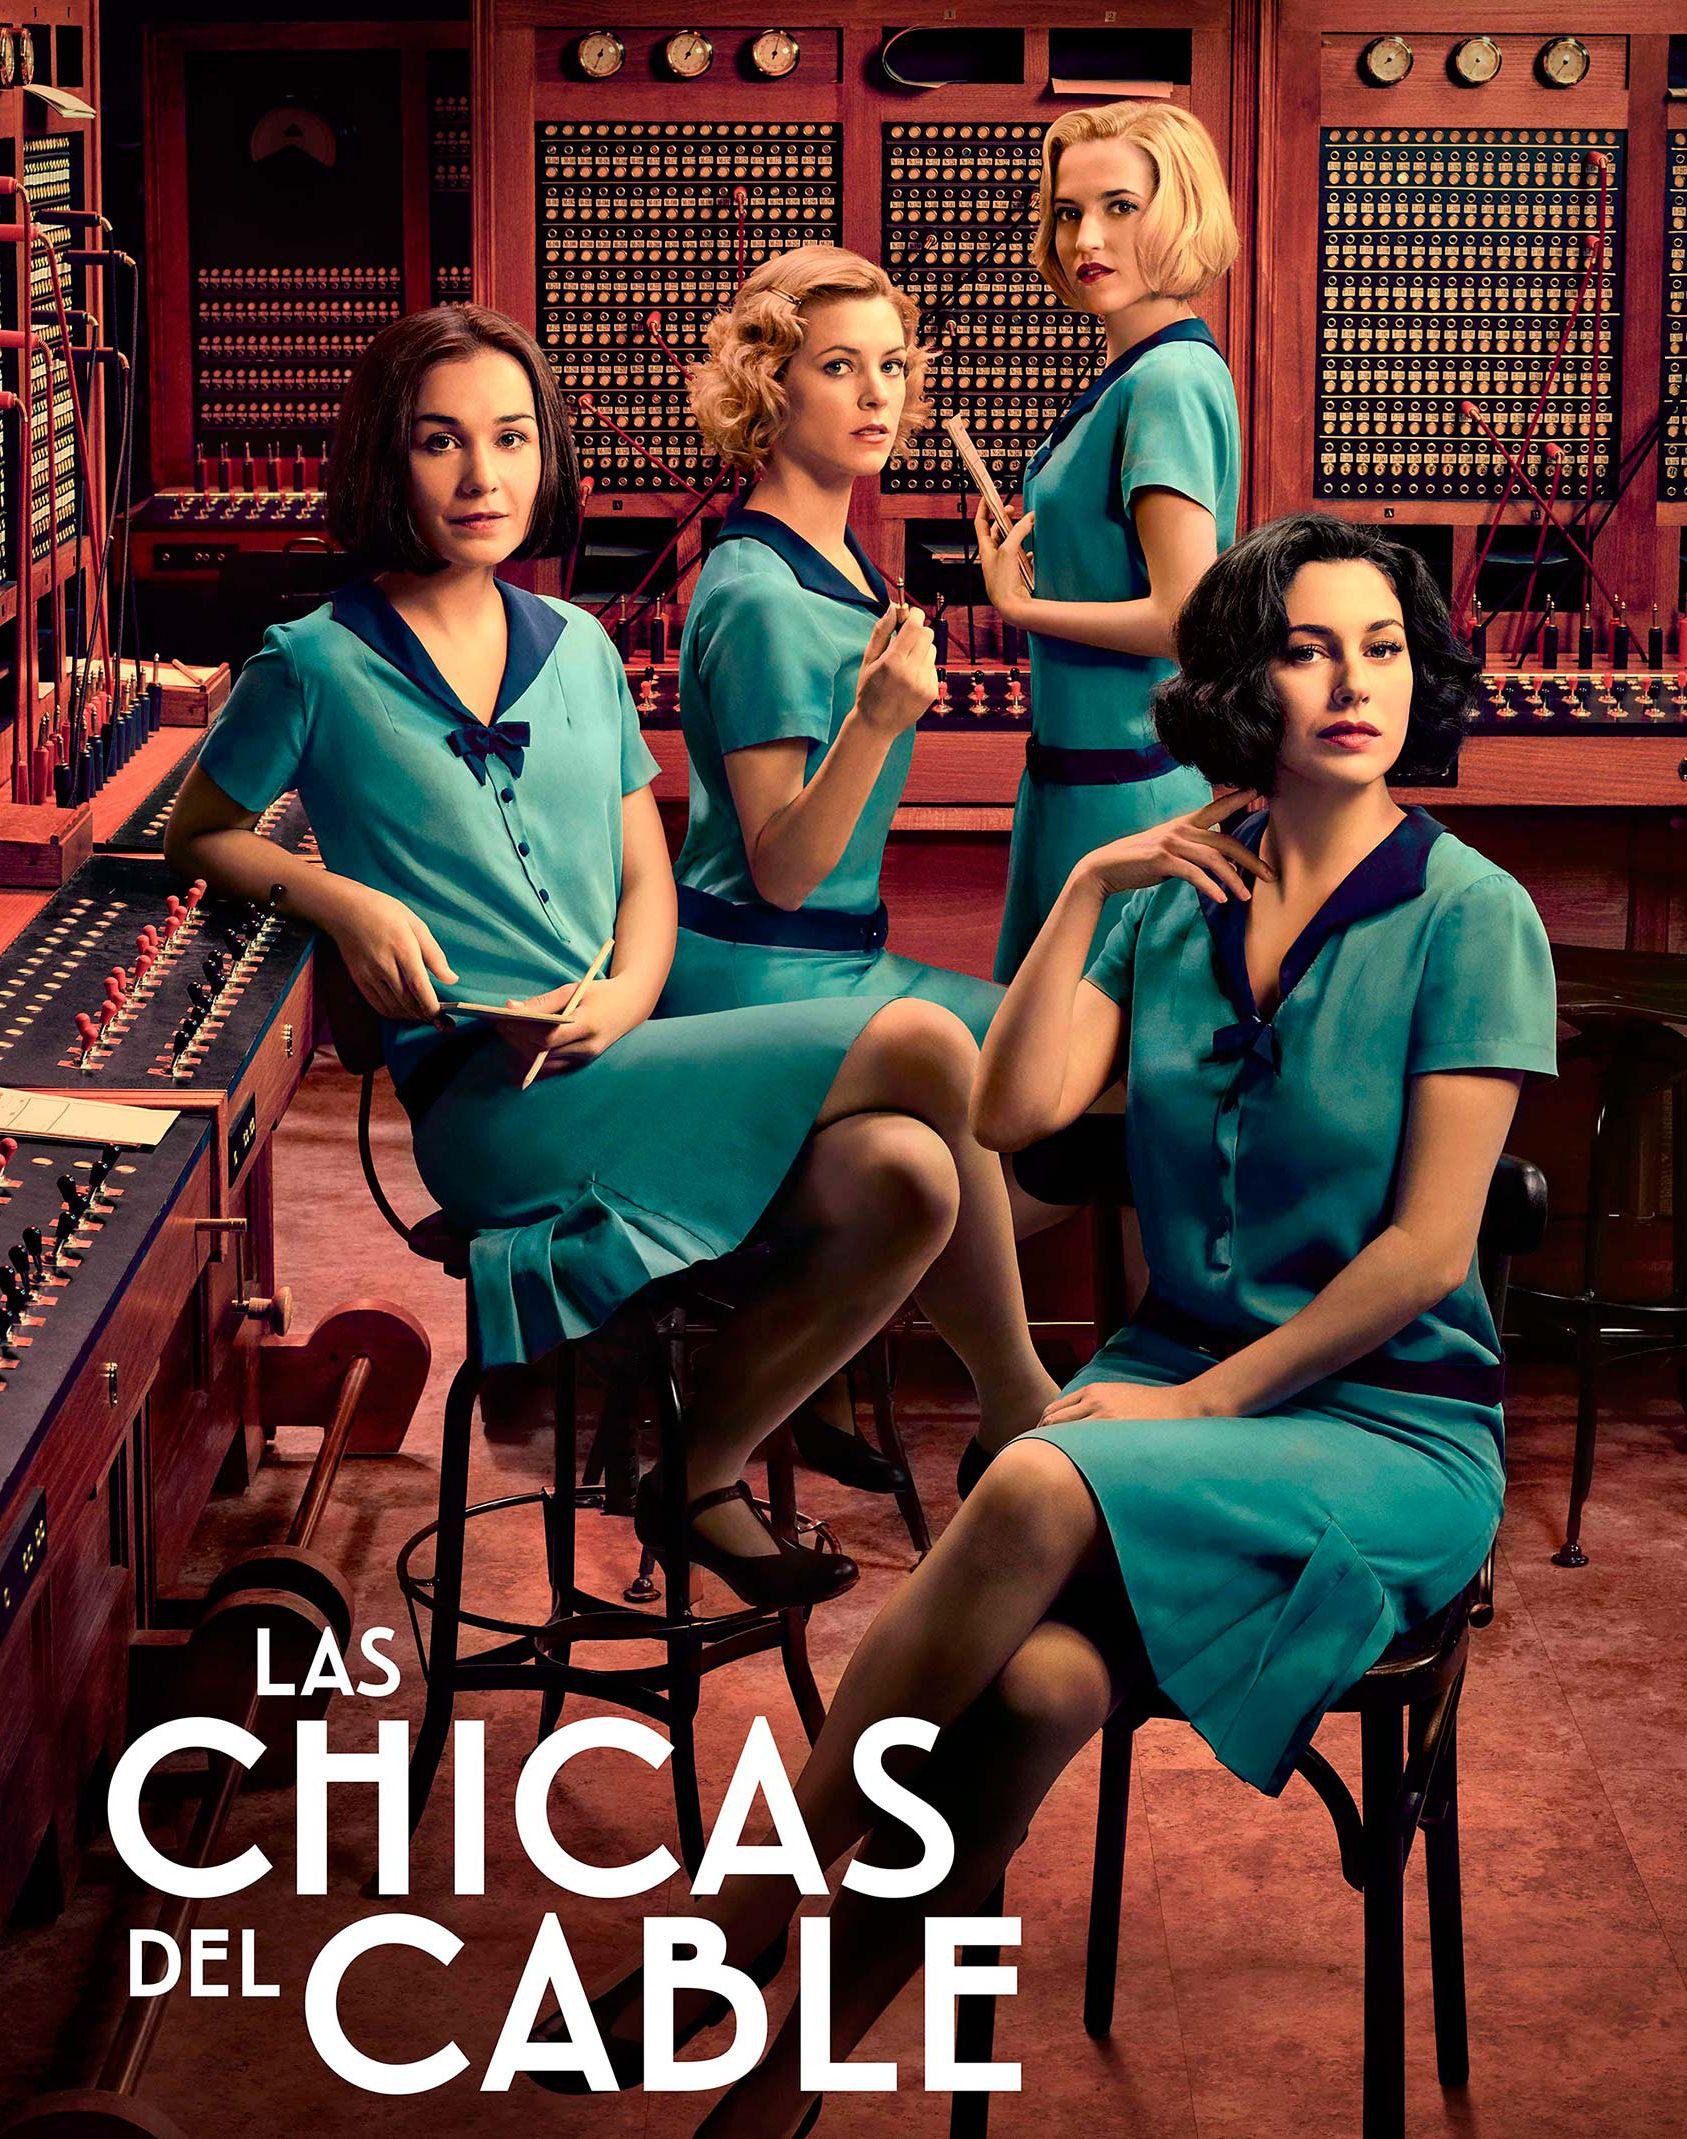 Las Chicas Del Cable Cable Girls Las Chicas Del Cable Disfraces De Series Series Español